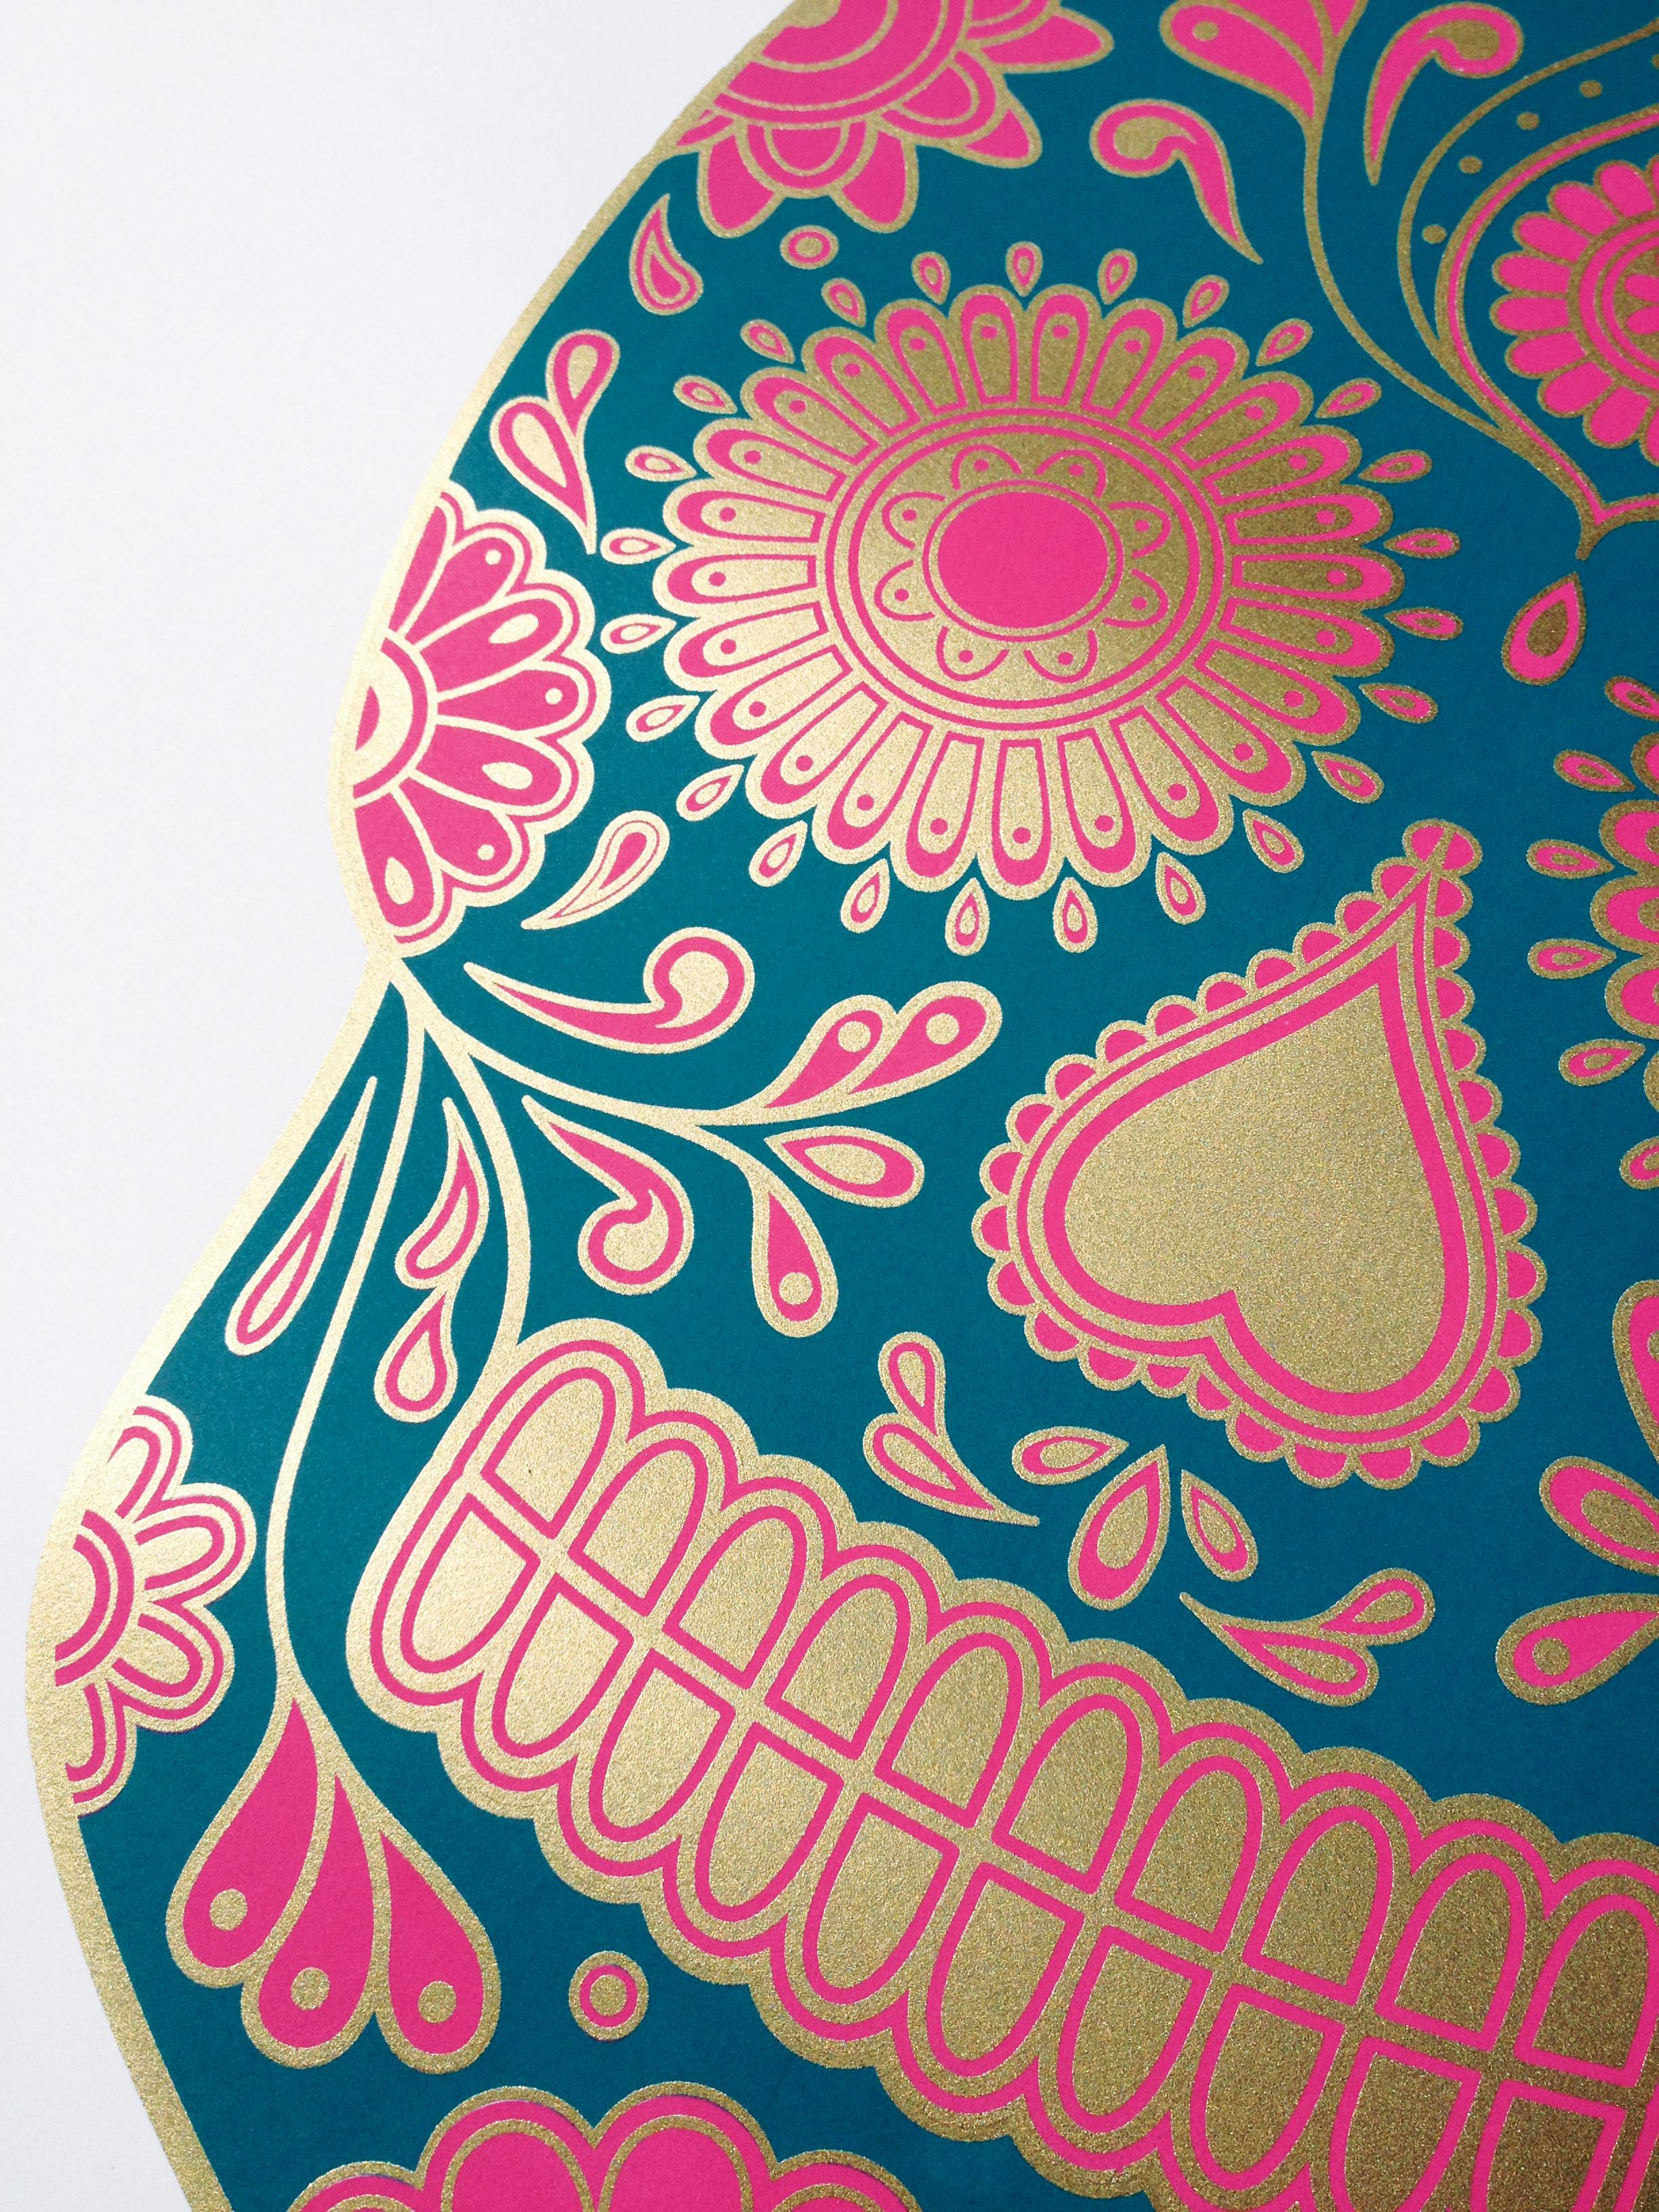 Sugar Skull Wallpaper Detail 3 2448x3264